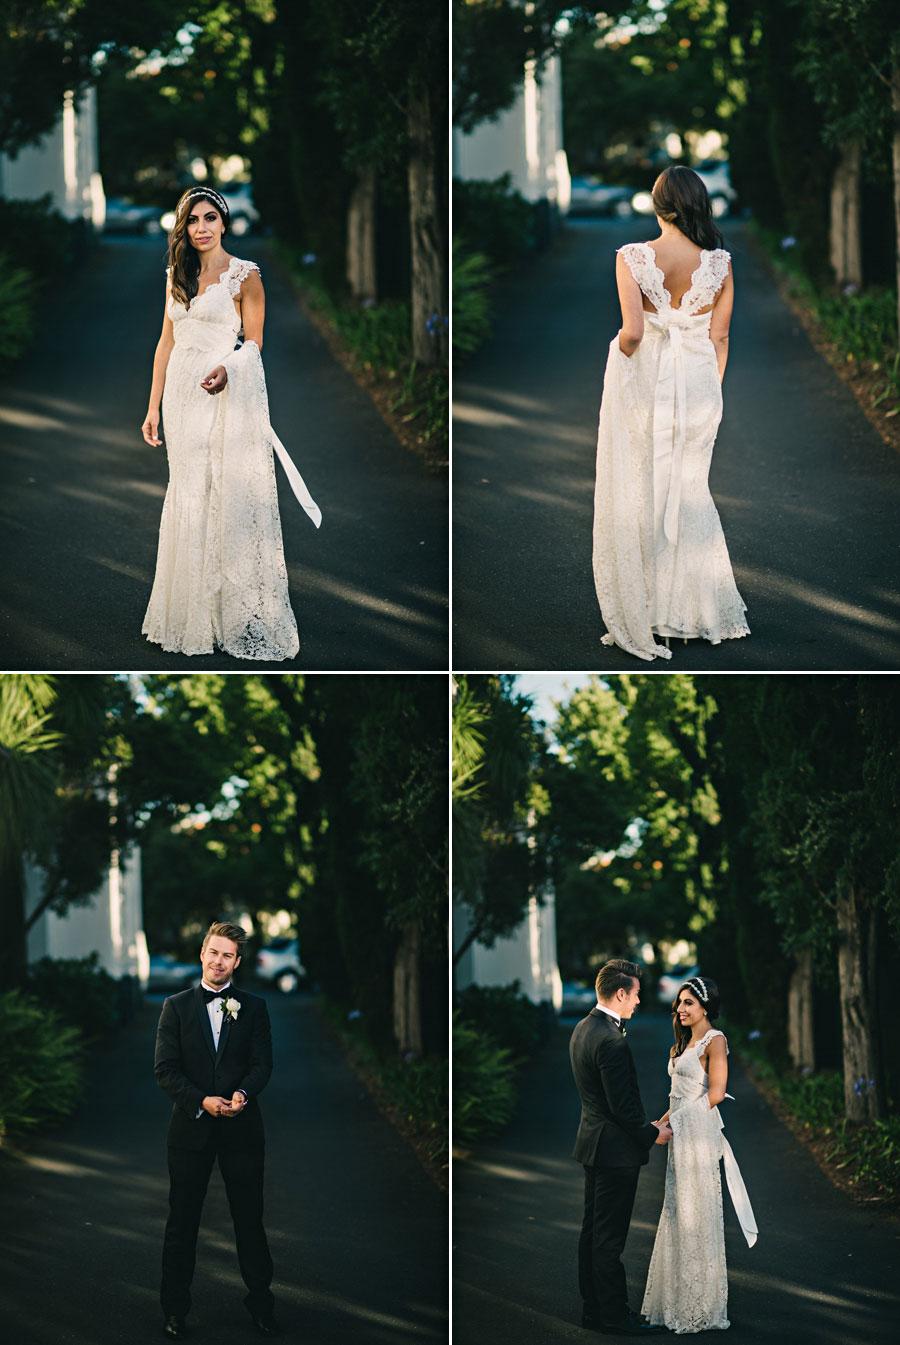 wedding-quat-quatta-melbourne-073.jpg